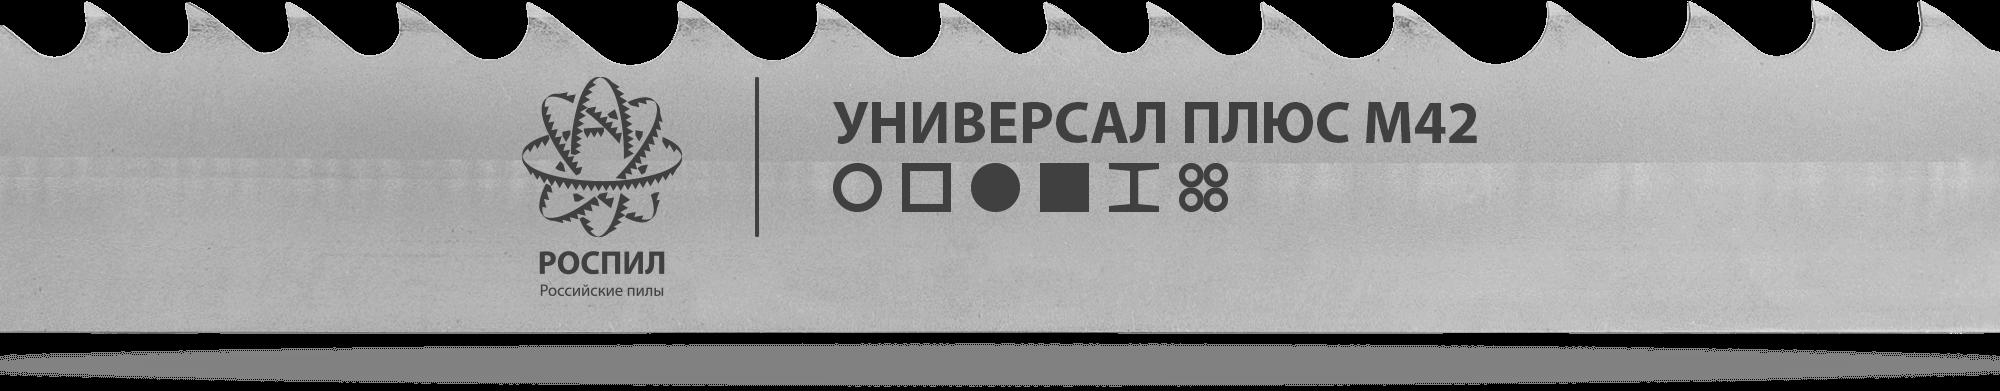 РОСПИЛ Универсал Плюс М42